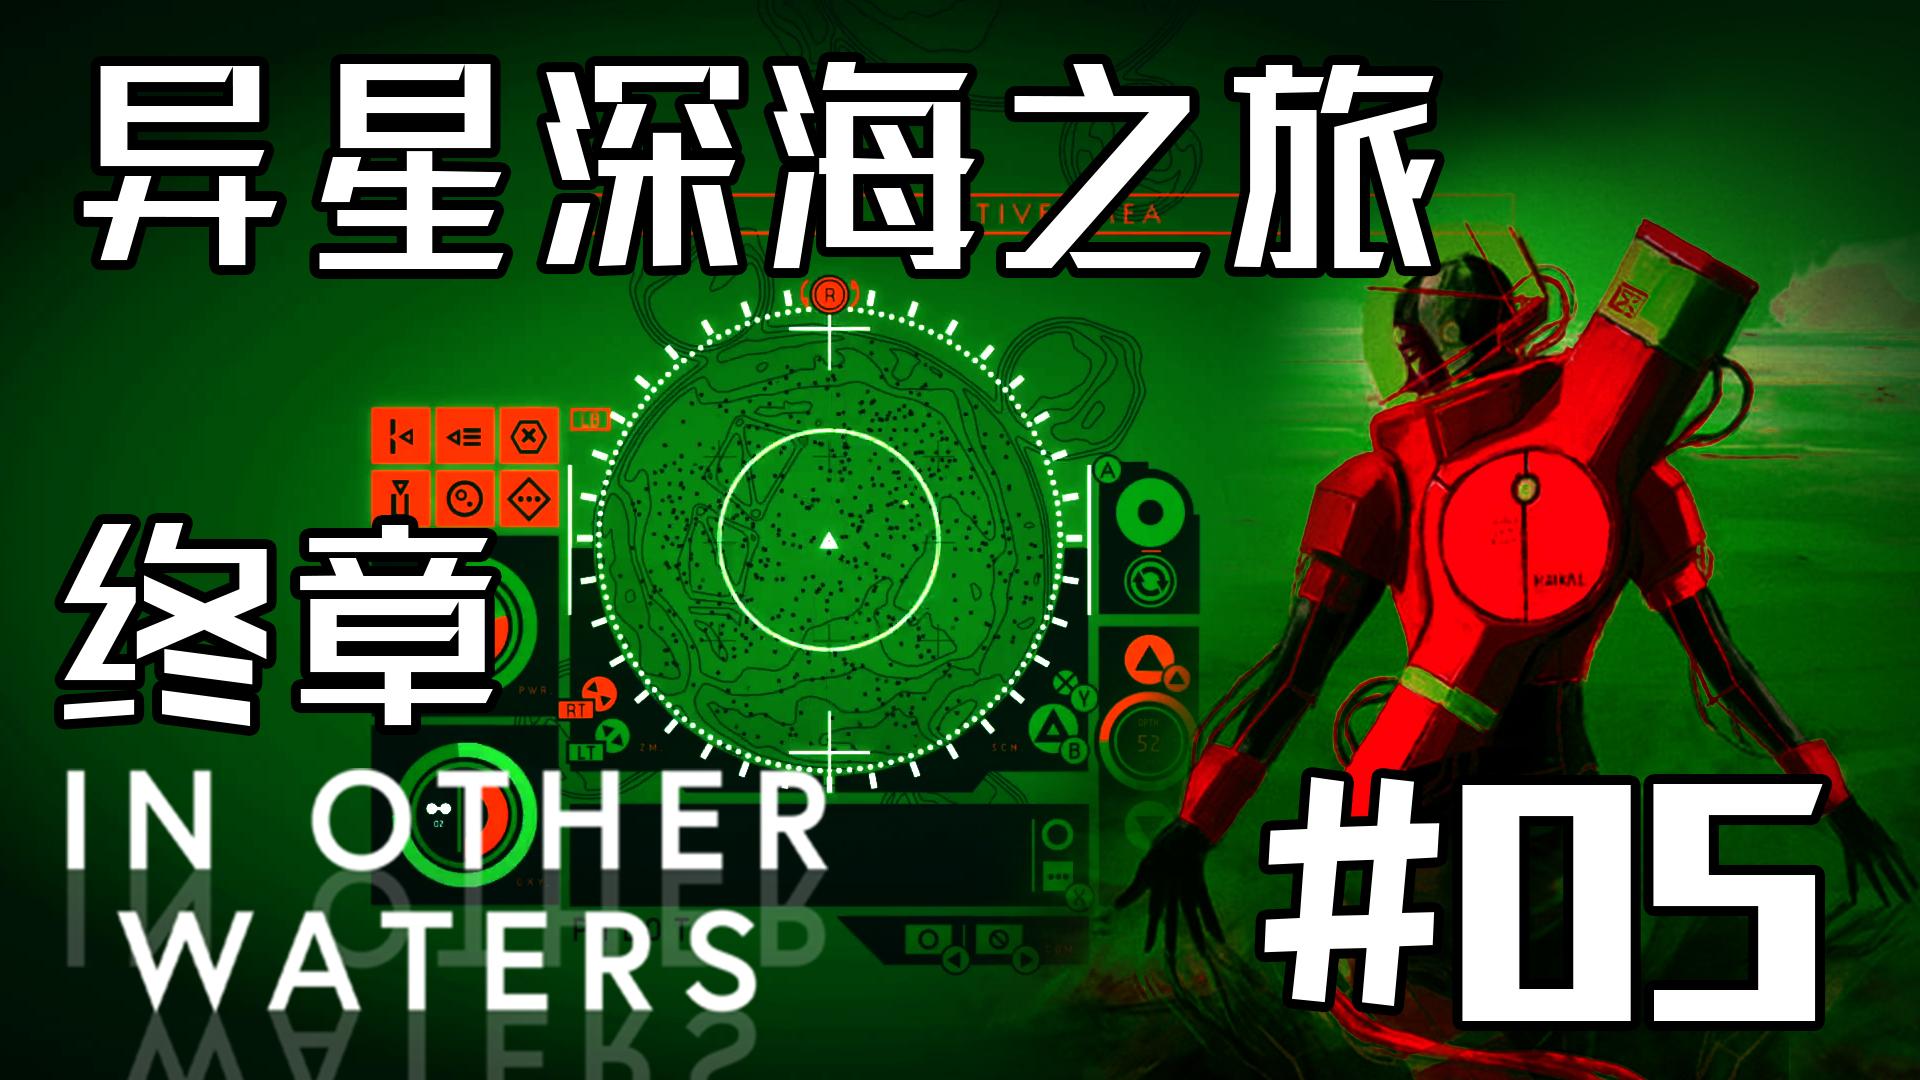 【独家】警告!外星地球化改造失败!异星深海之旅05-In Other Waters【QPC】